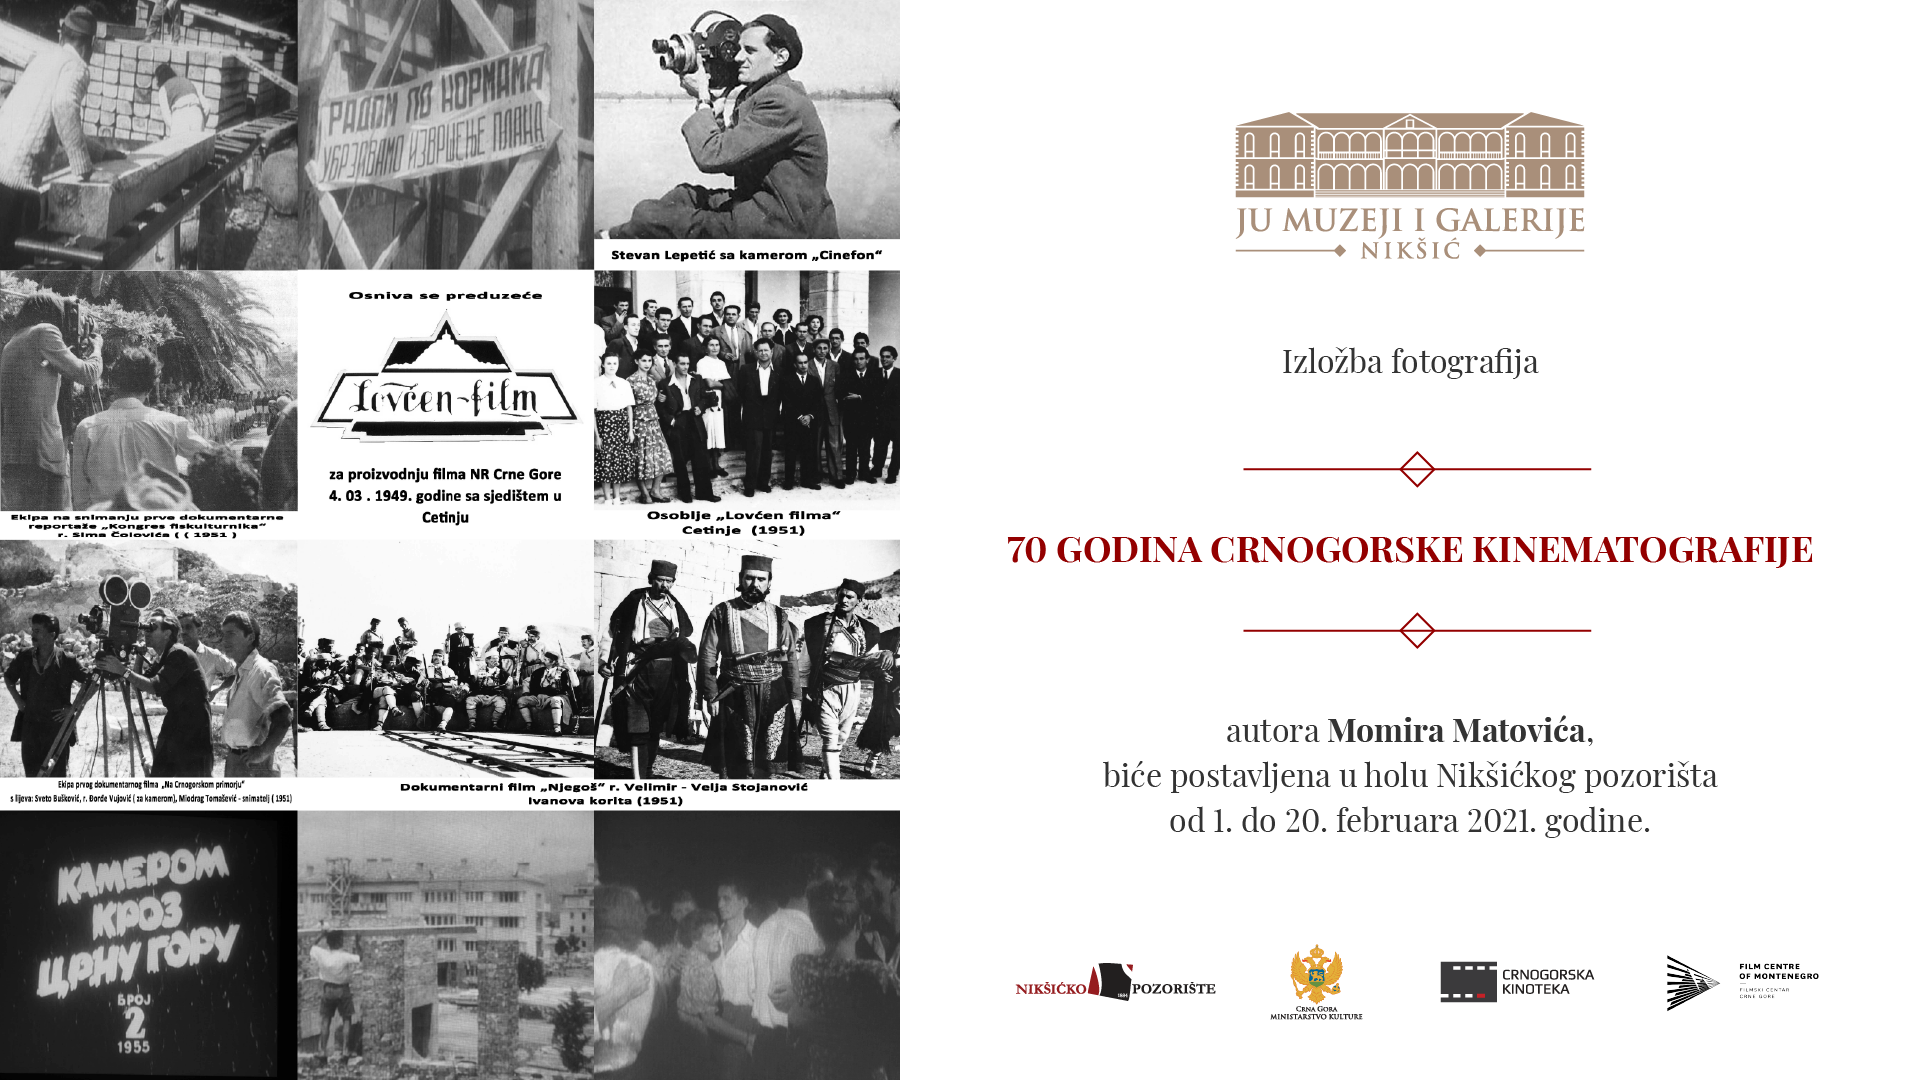 Izložba fotografija povogom 70 godina crnogorske kinematografije